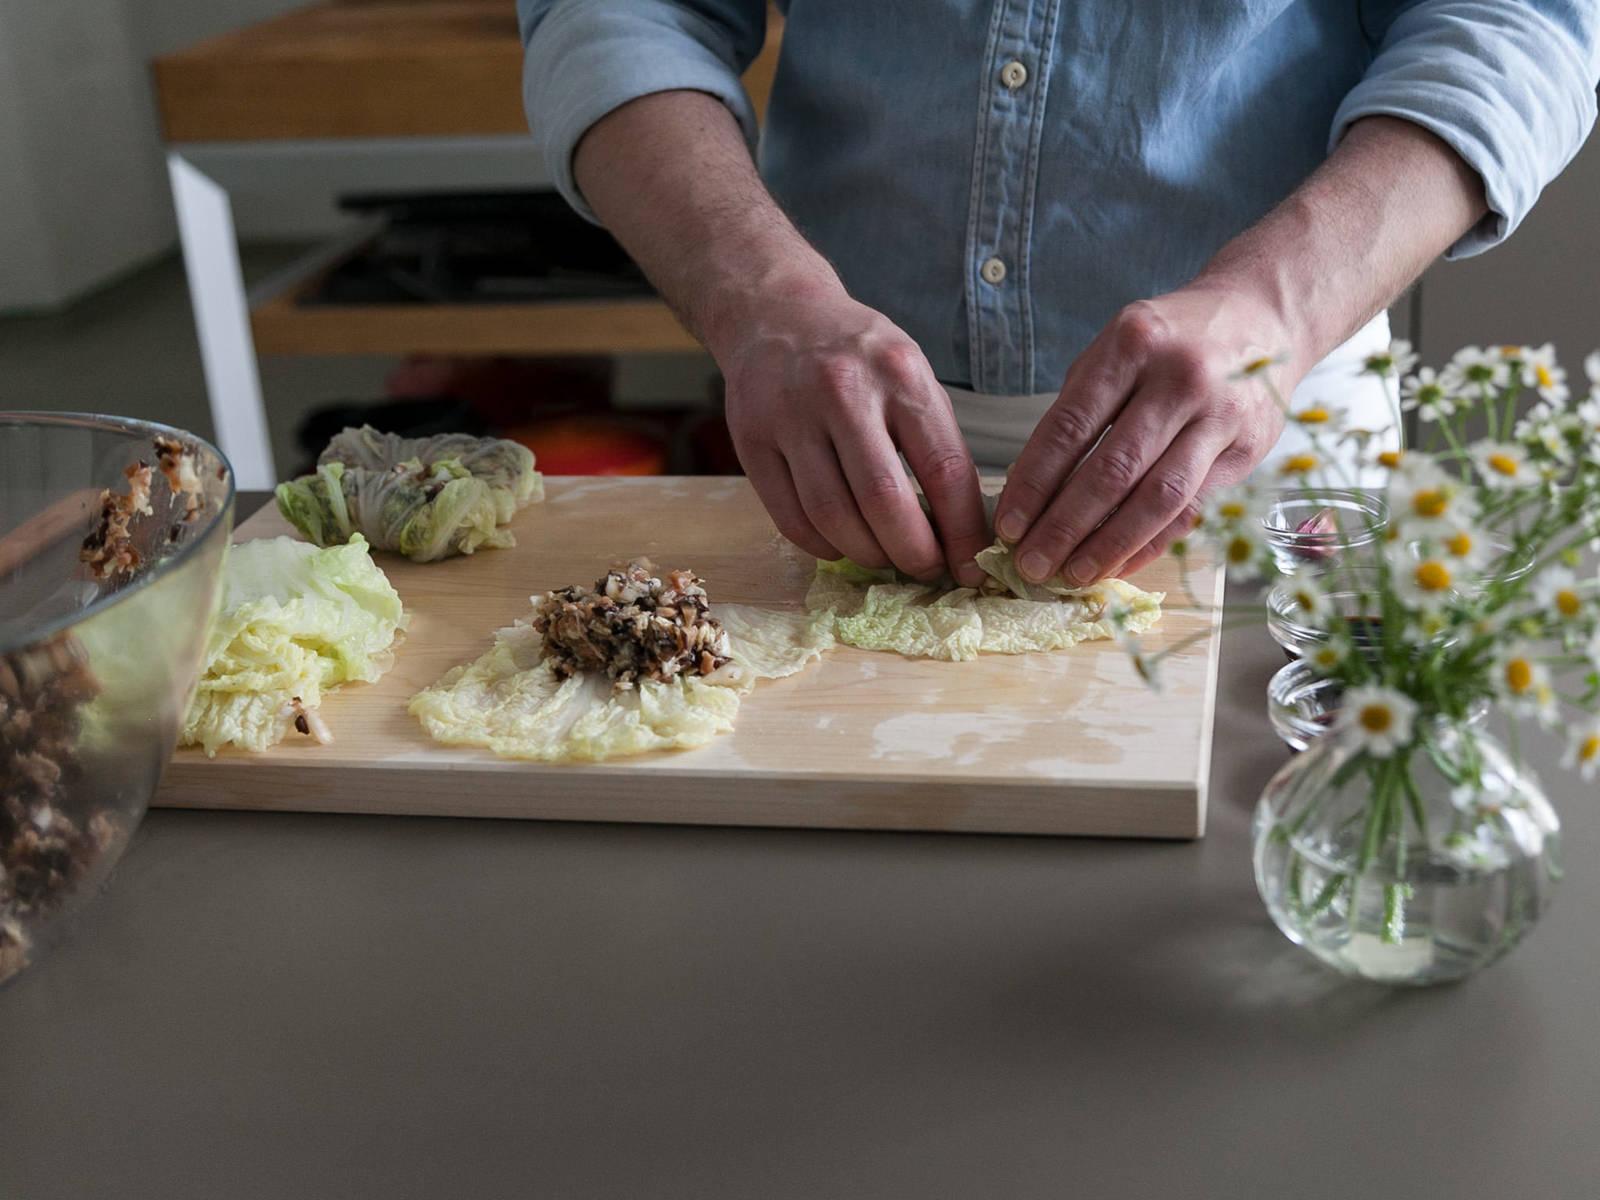 将焯过水的白菜叶放到一个干净的工作台面上铺开,每片放上两勺馅料。从底部卷起,两侧都叠起来,好让馅料充分裹好。若喜欢,可用牙签固定。重复操作直到馅料用完。